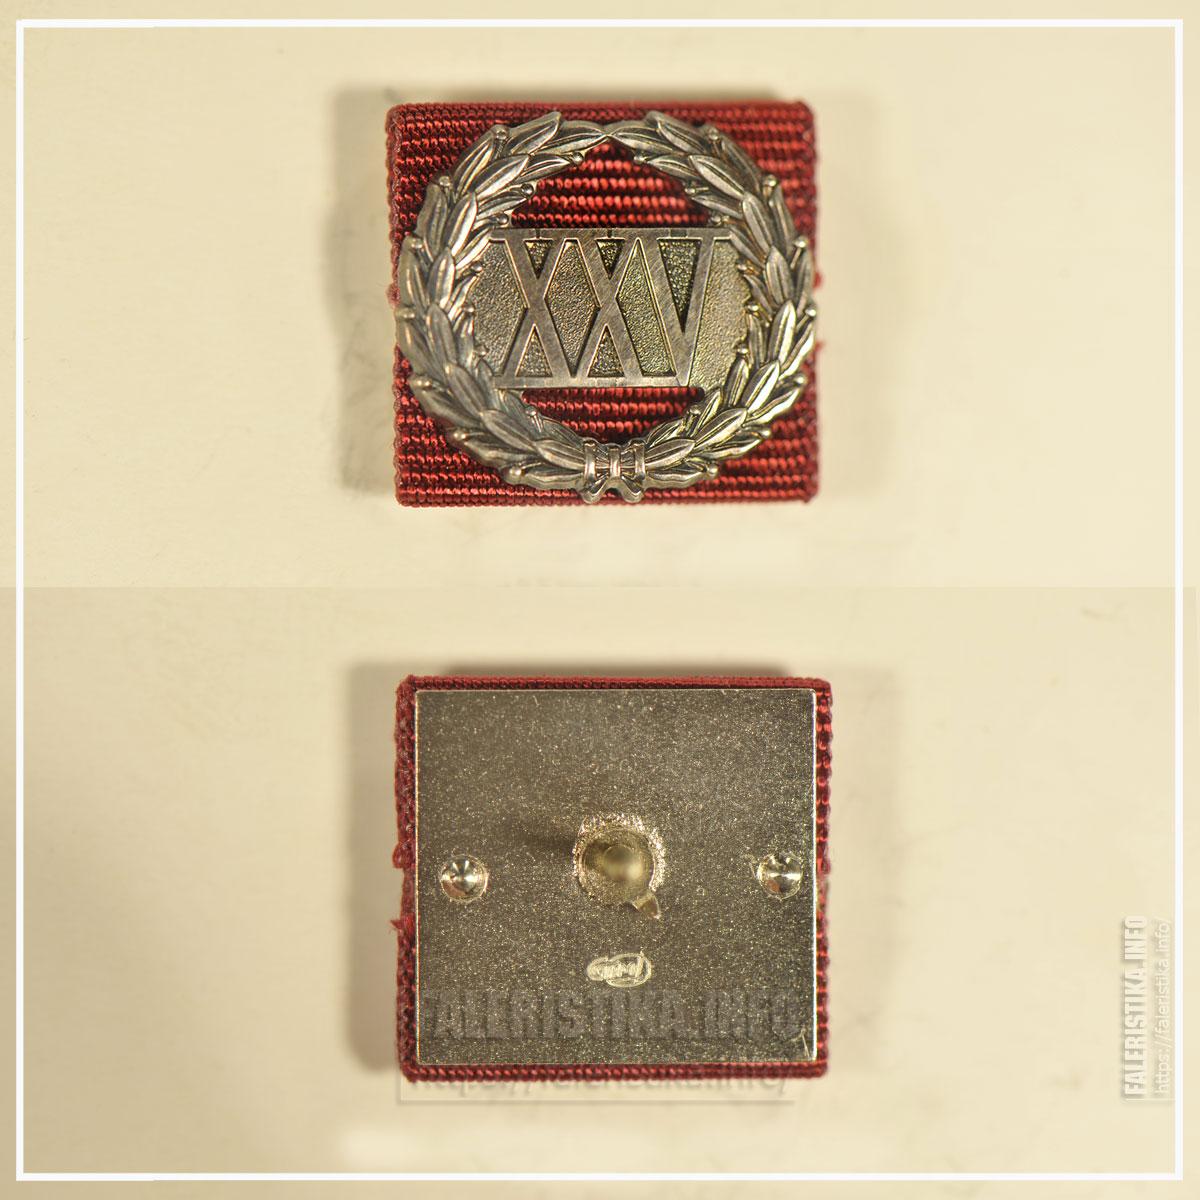 Знак отличия «За безупречную службу» XXV (лет) (для гражданских служащих). Миниатюрная копия знака (фрачник). Санкт-Петербургский монетный двор